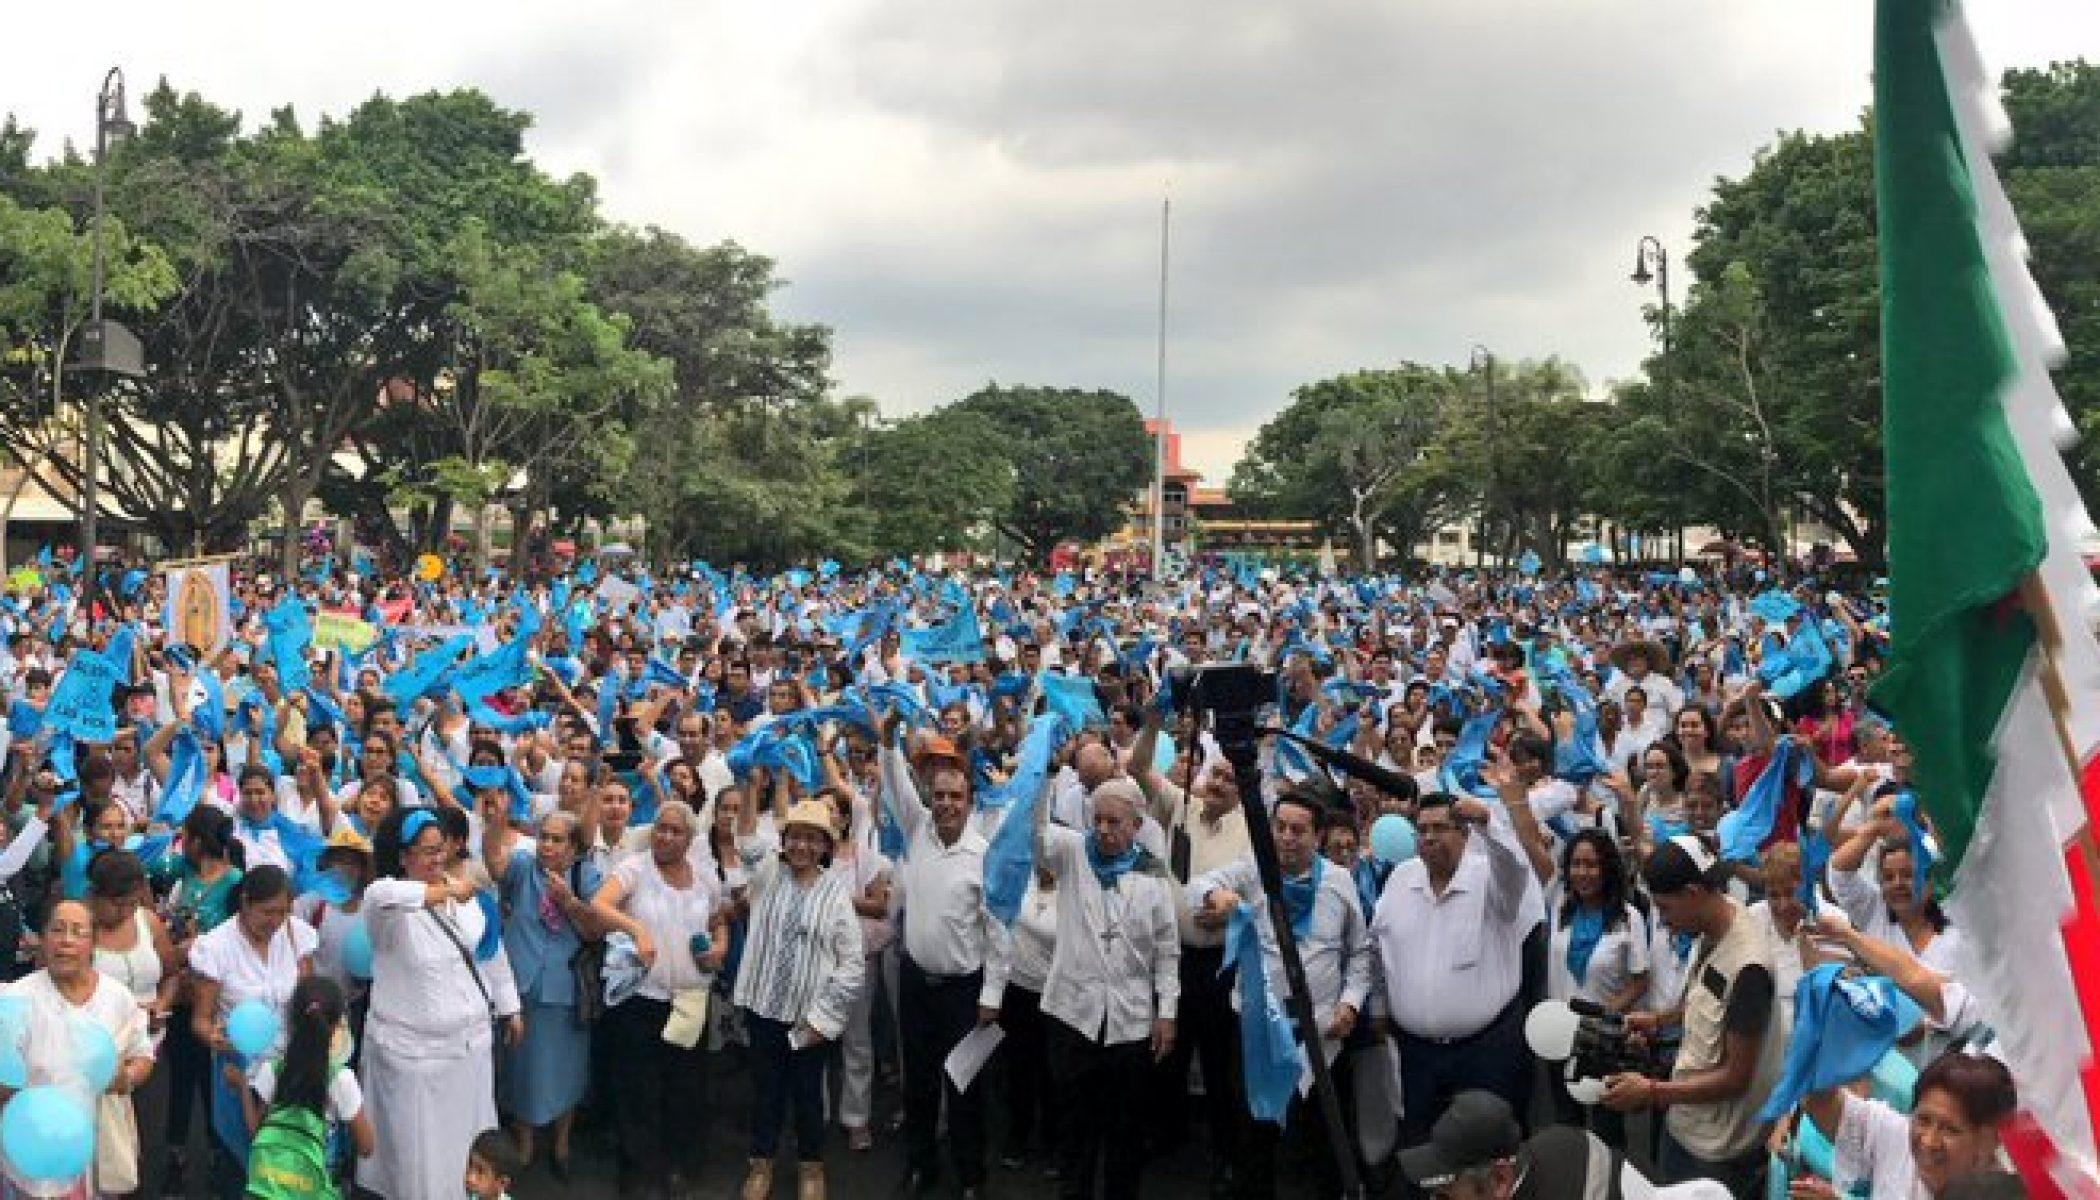 Succès de la Marche pour la vie au Mexique